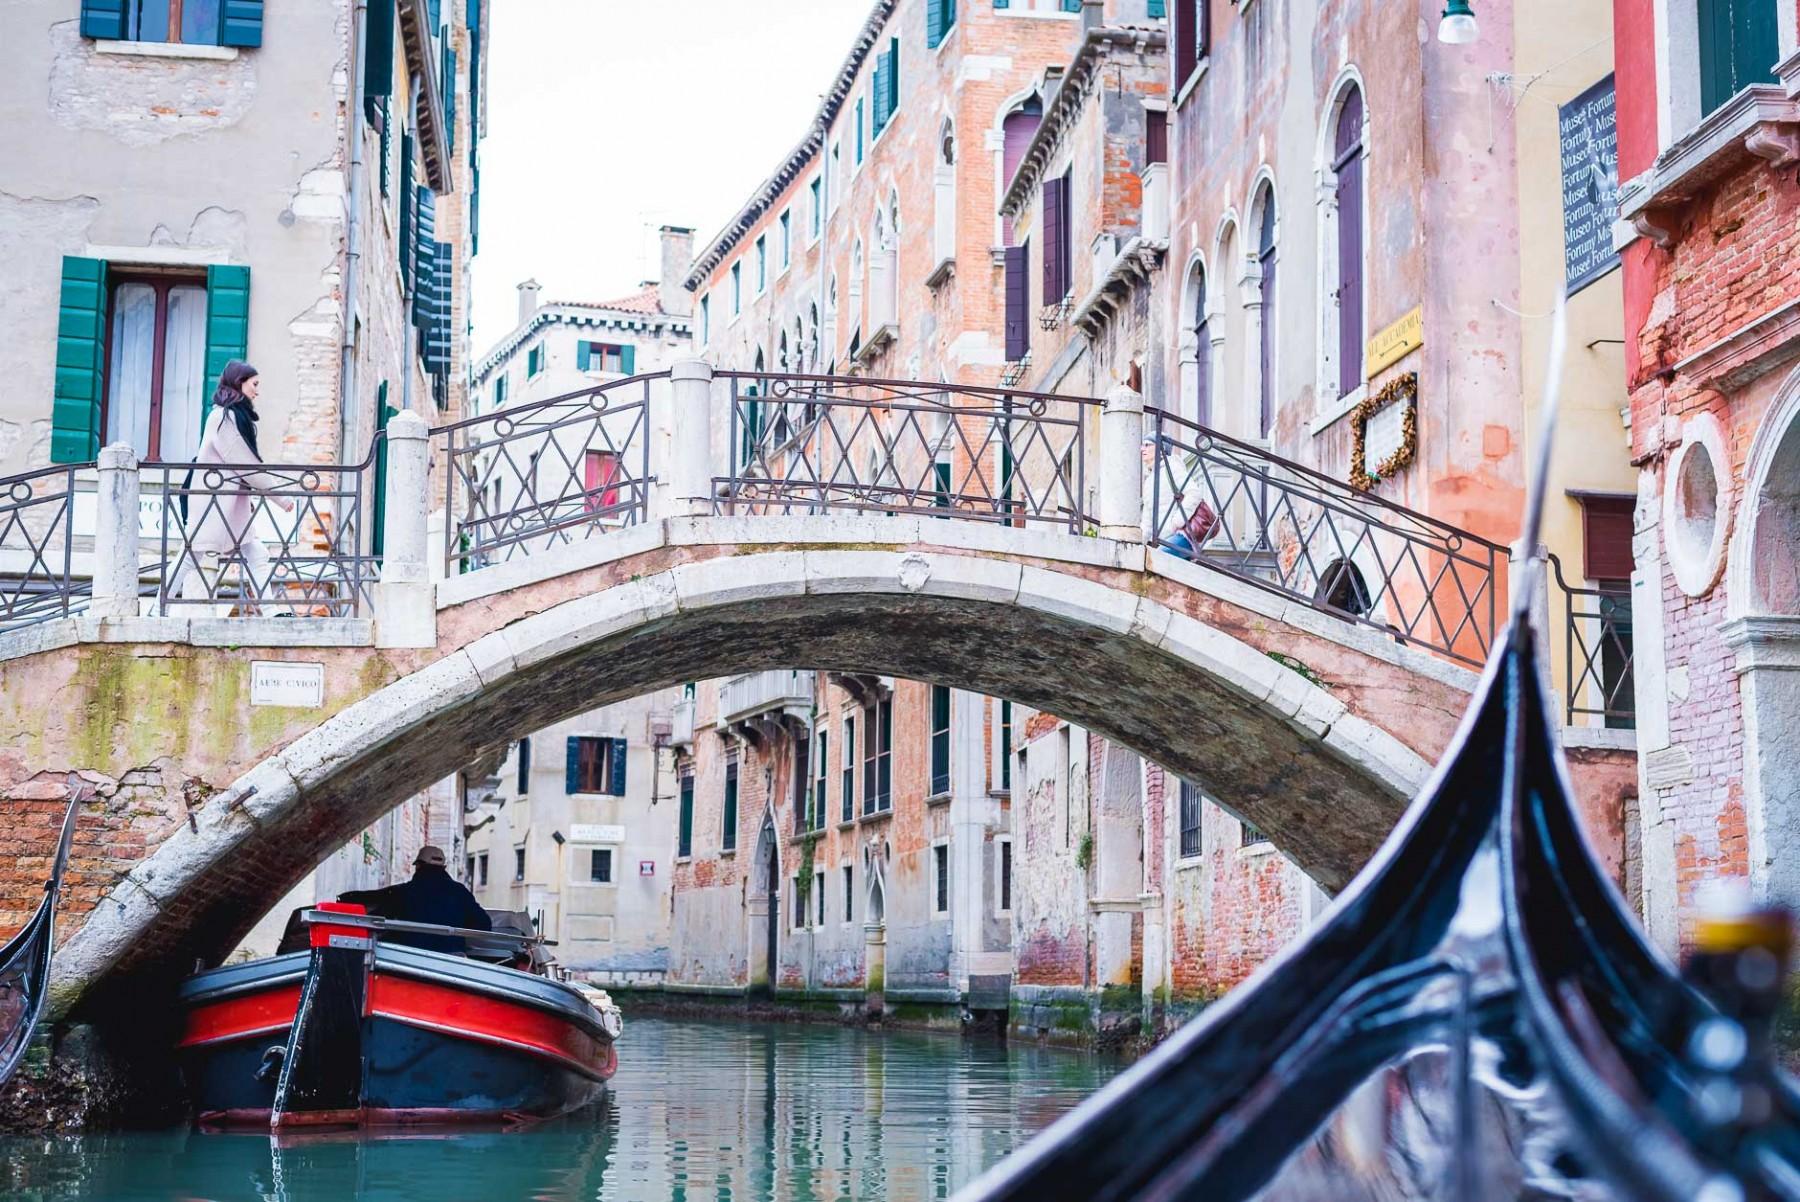 Gondola ride with Walks of Italy in Venice, Italy